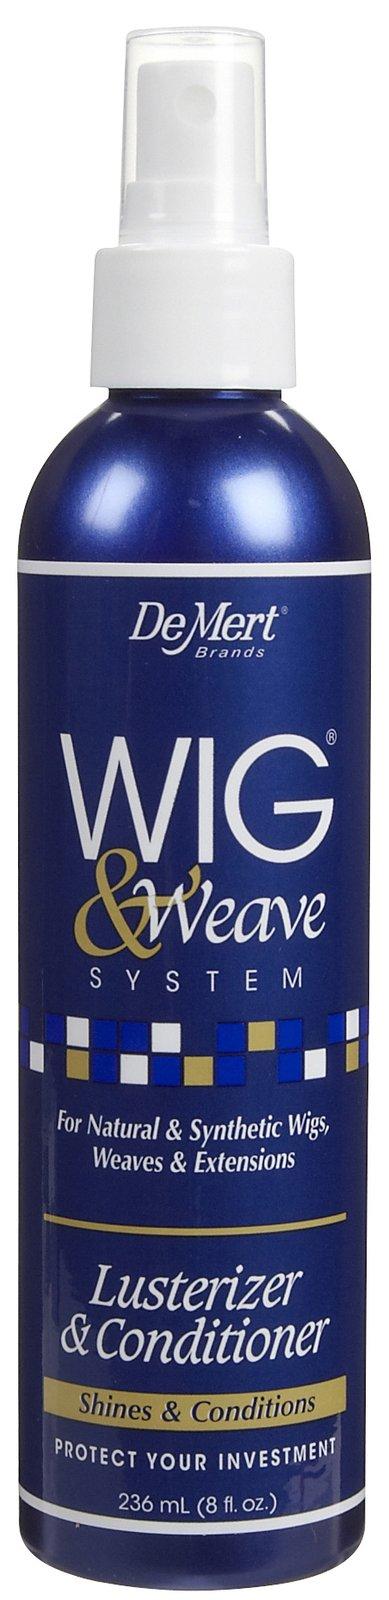 Wig & Weave Wig Lusterizer Pump